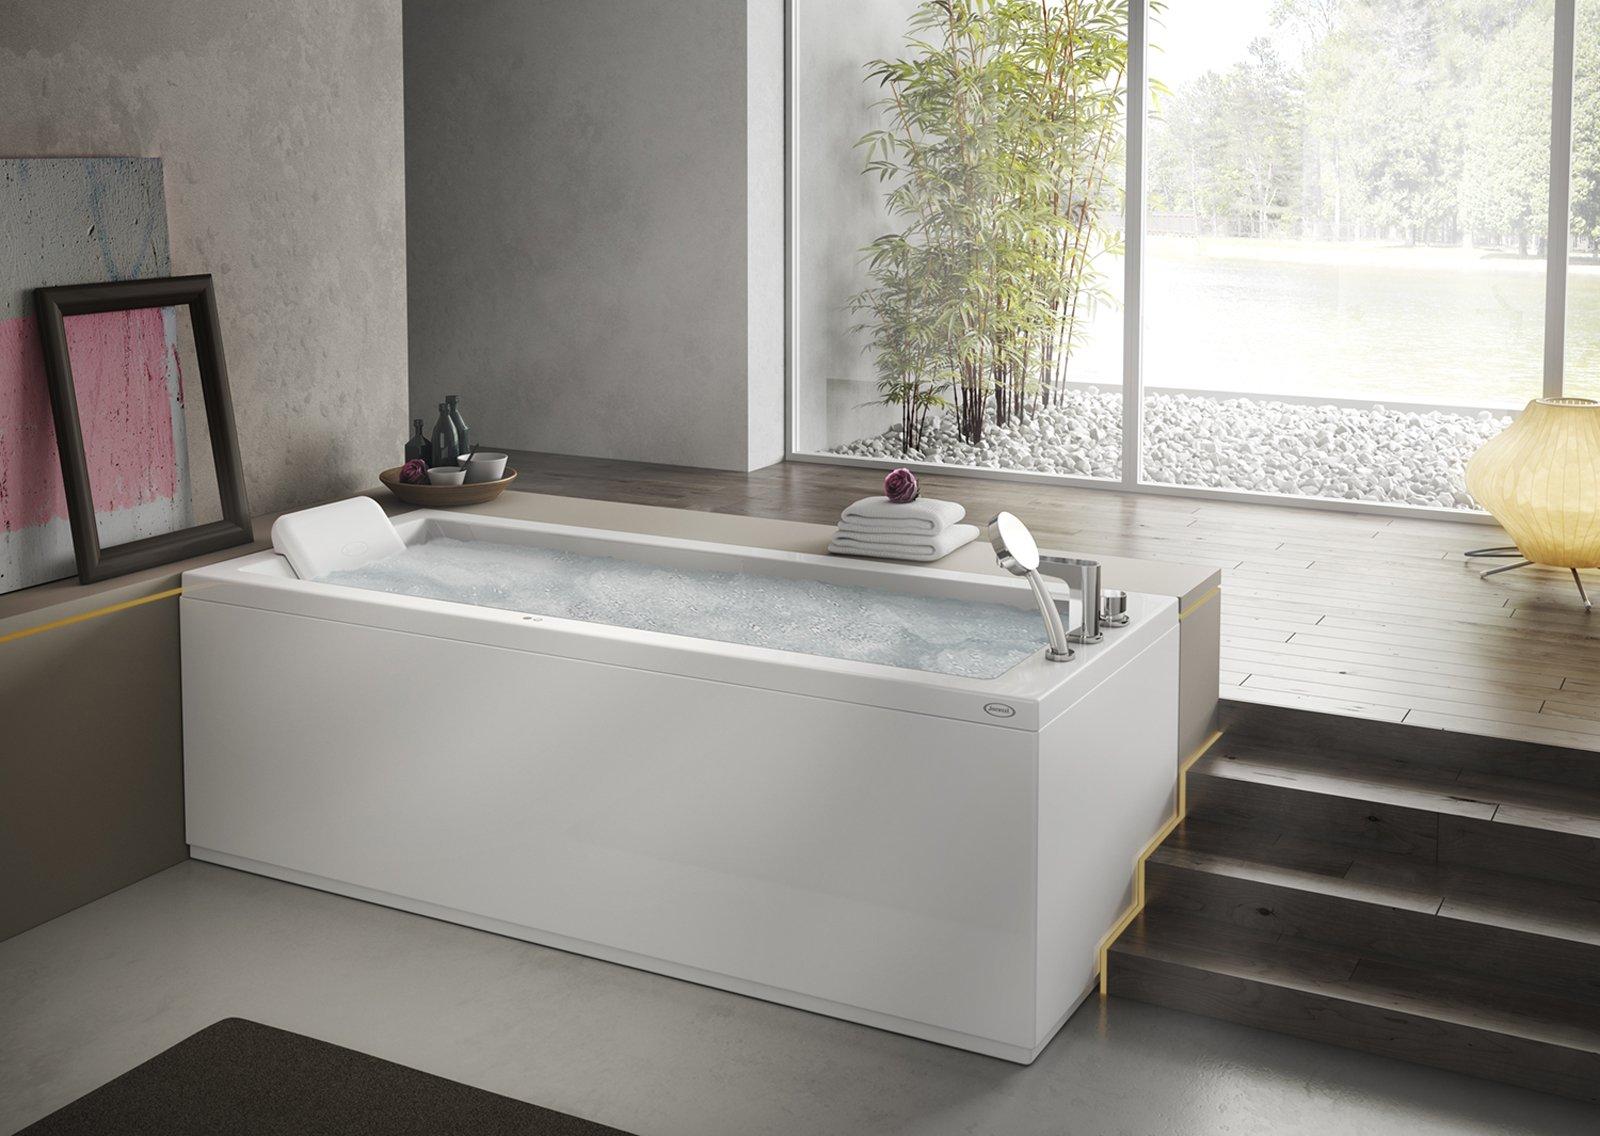 Vasca Da Bagno Quanti Litri : Quanti litri contiene una vasca da bagno aquasoul double header